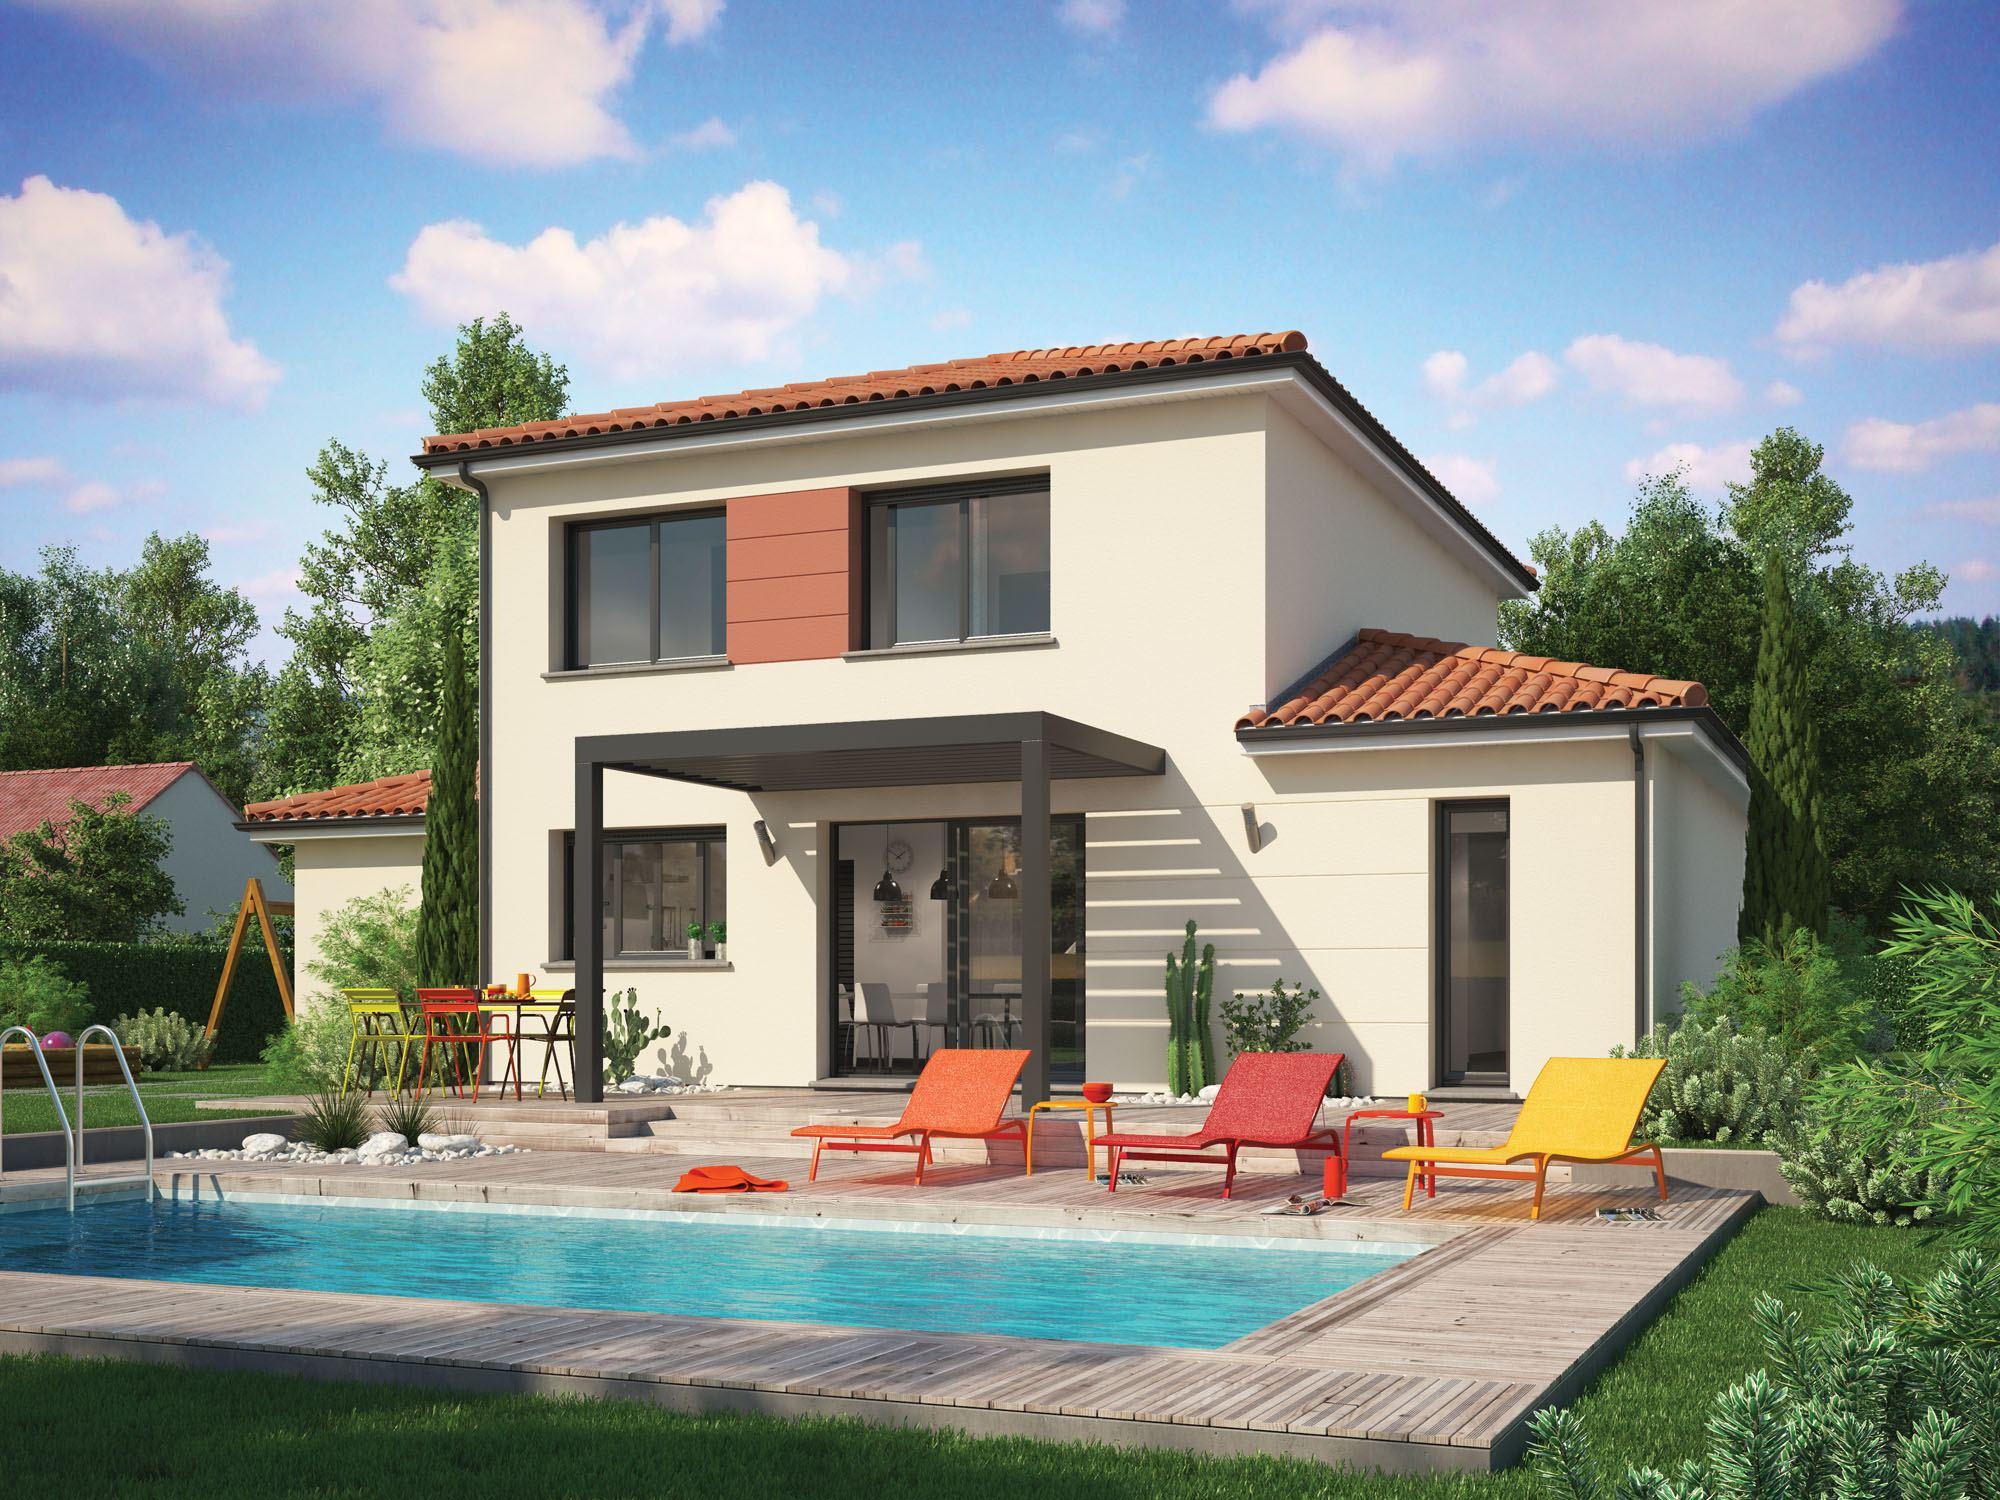 Maisons + Terrains du constructeur MAISON FAMILIALE • 113 m² • TREVOUX